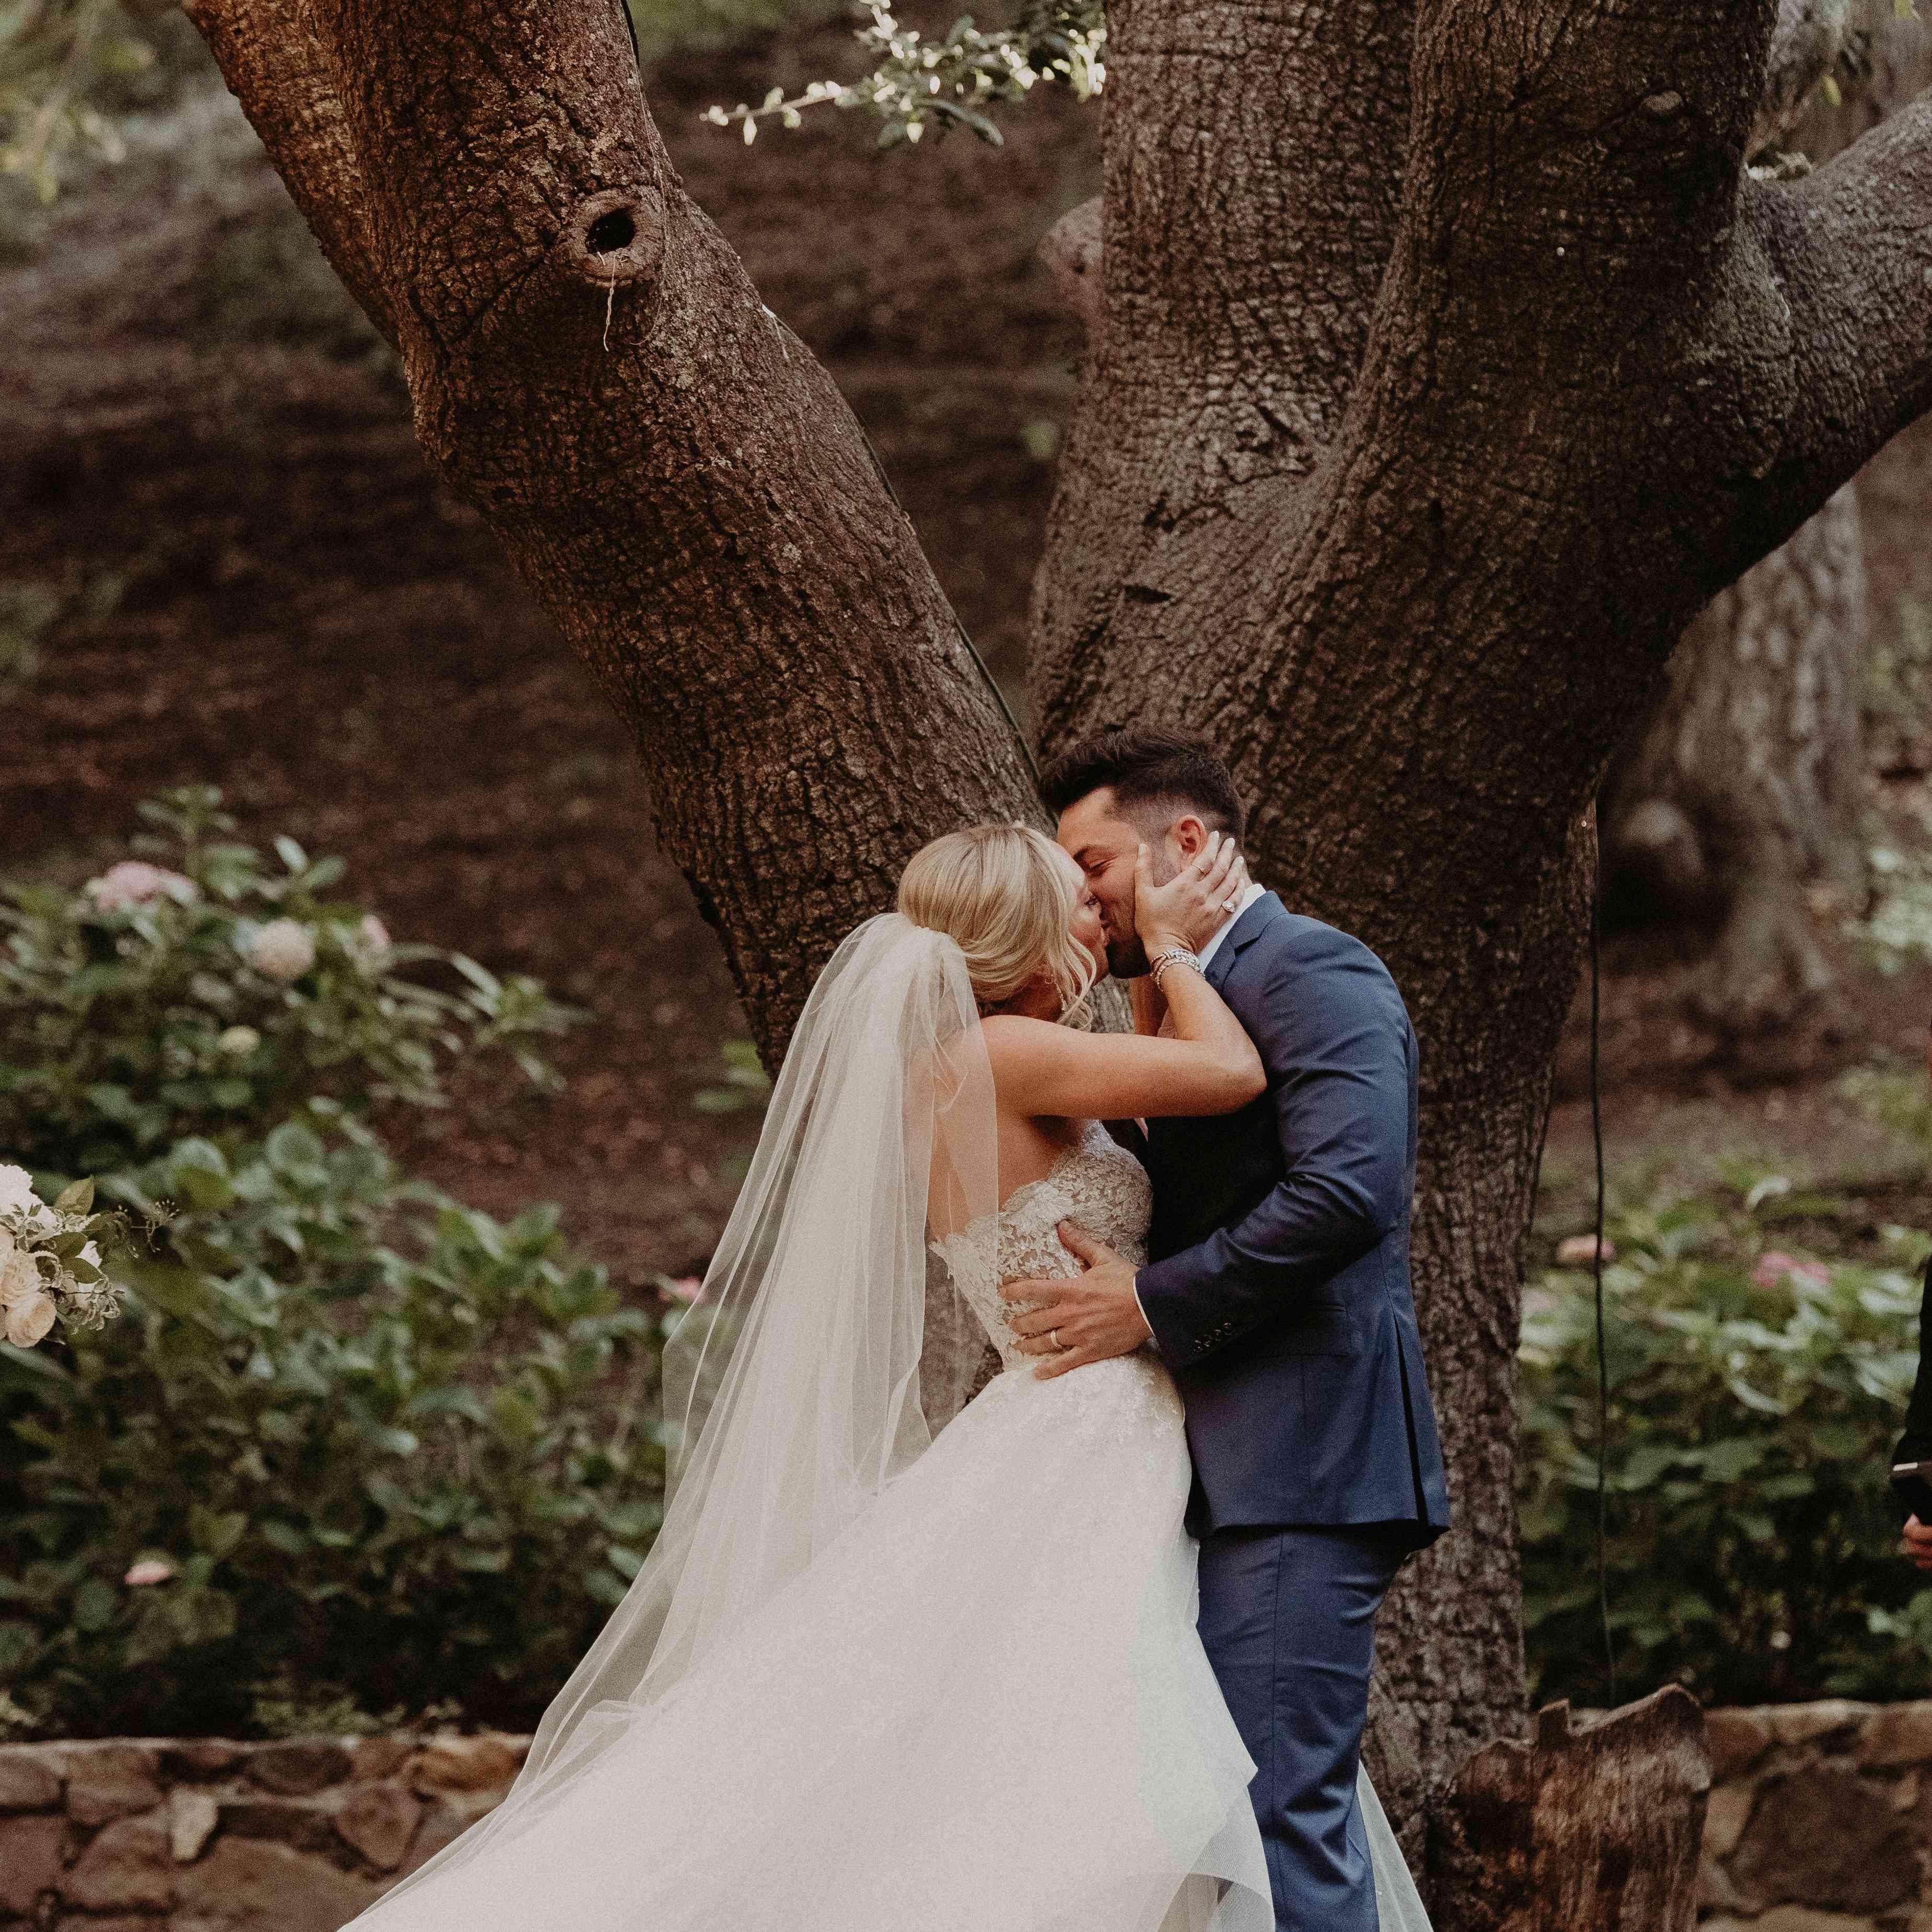 Baker Mayfield Wedding, first kiss